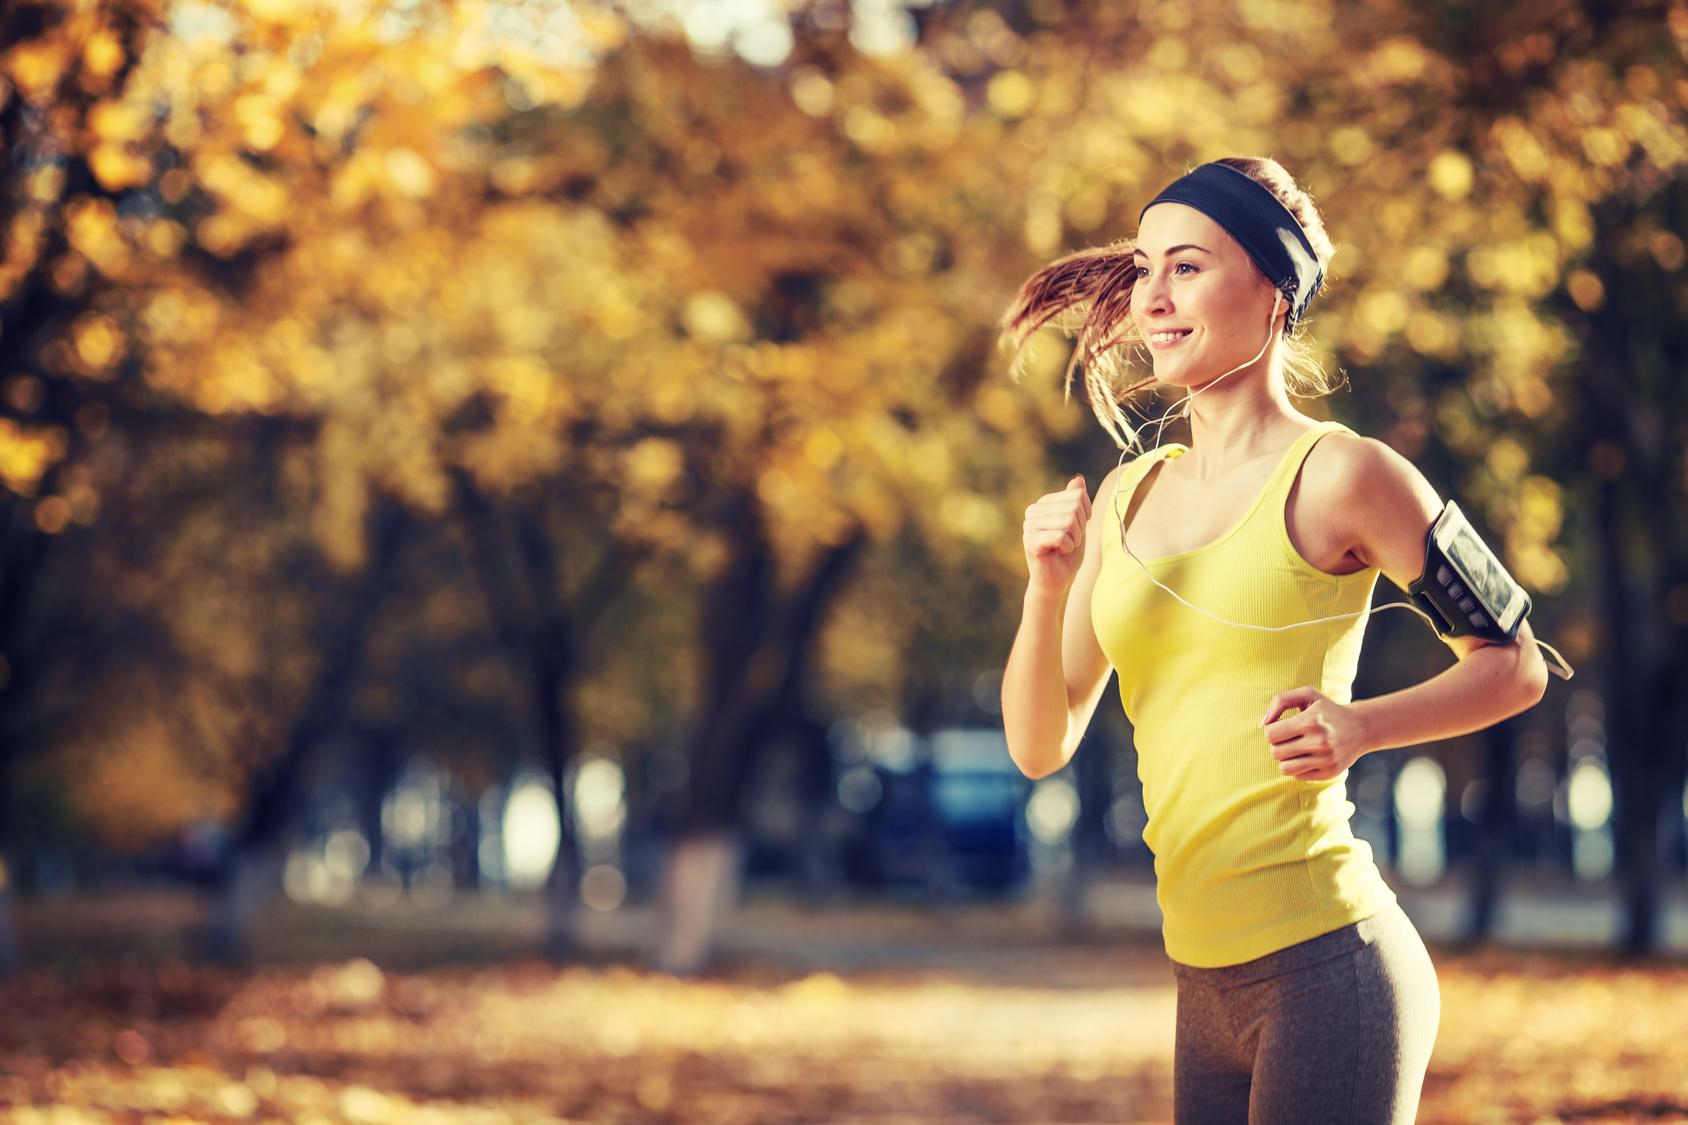 Jak czuć się piękną, być w formie i nie złapać przeziębienia jesienią?